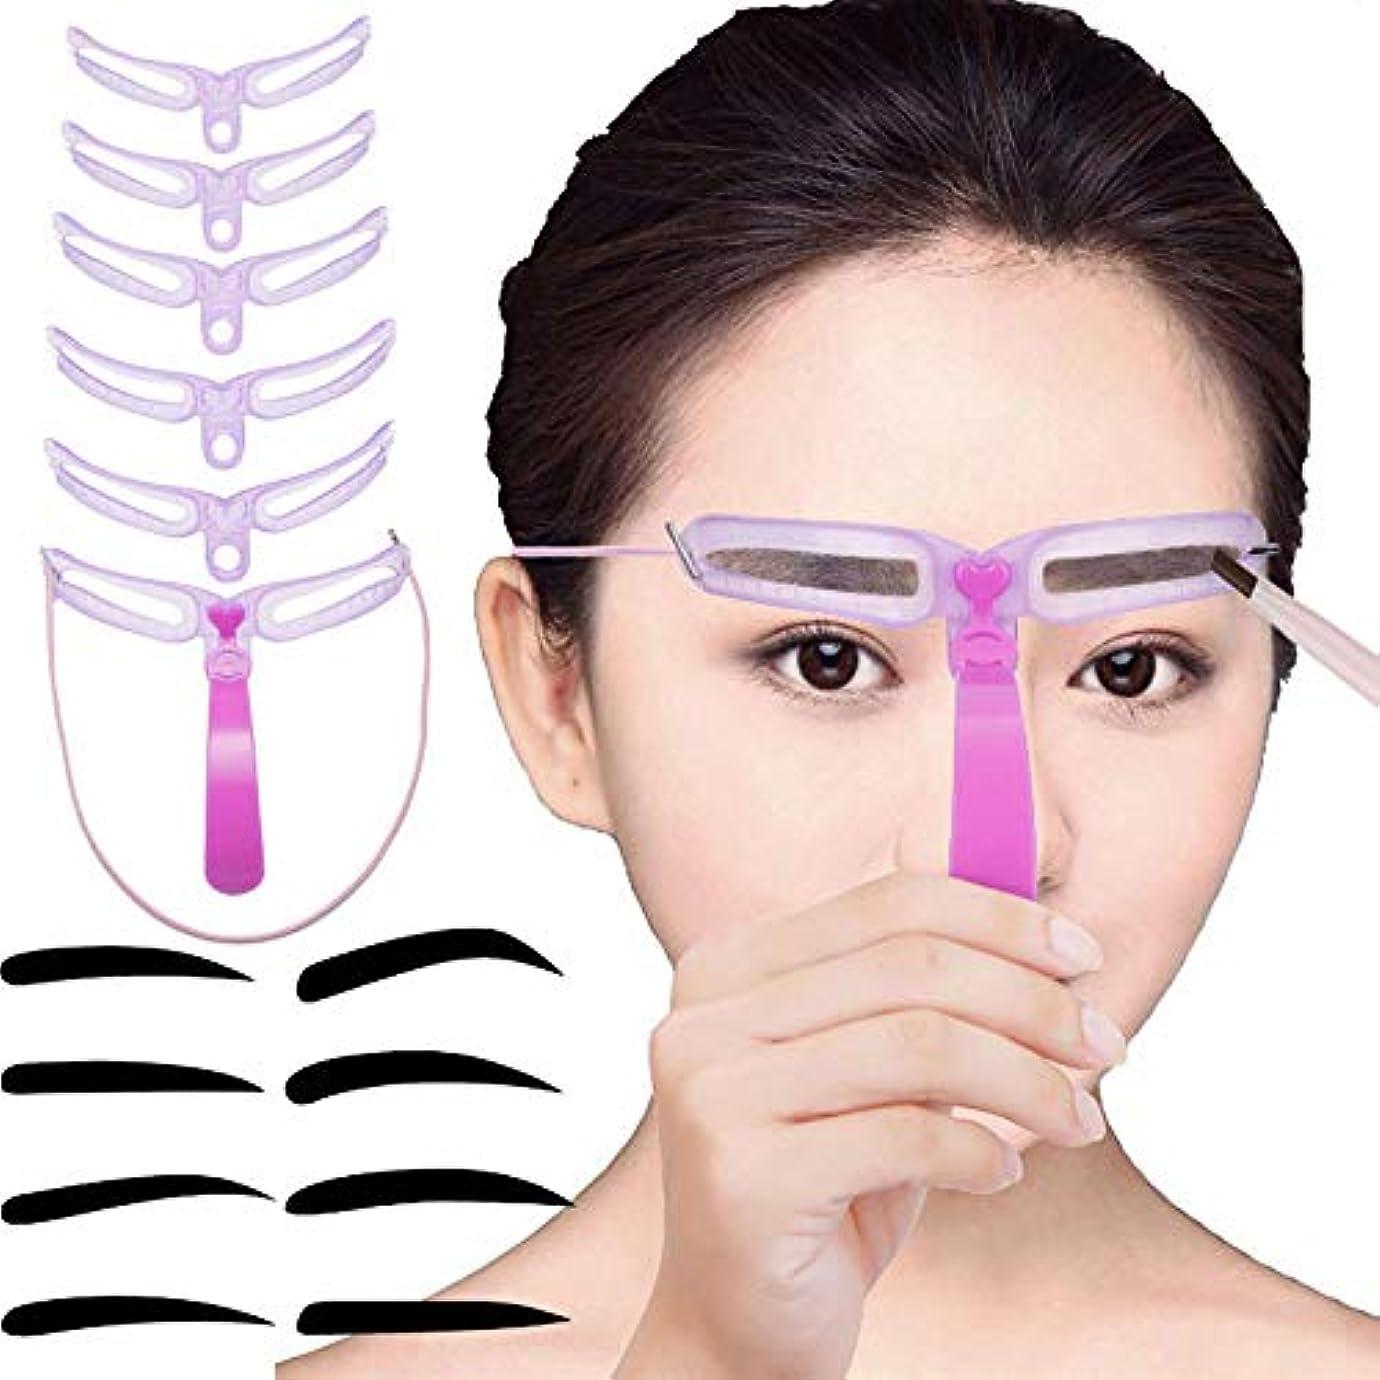 批判マインド【改良】眉毛テンプレート 8種類 8パターン 眉毛ステンシル 美容ツール 男女兼用 ストラップ付き 2点セット